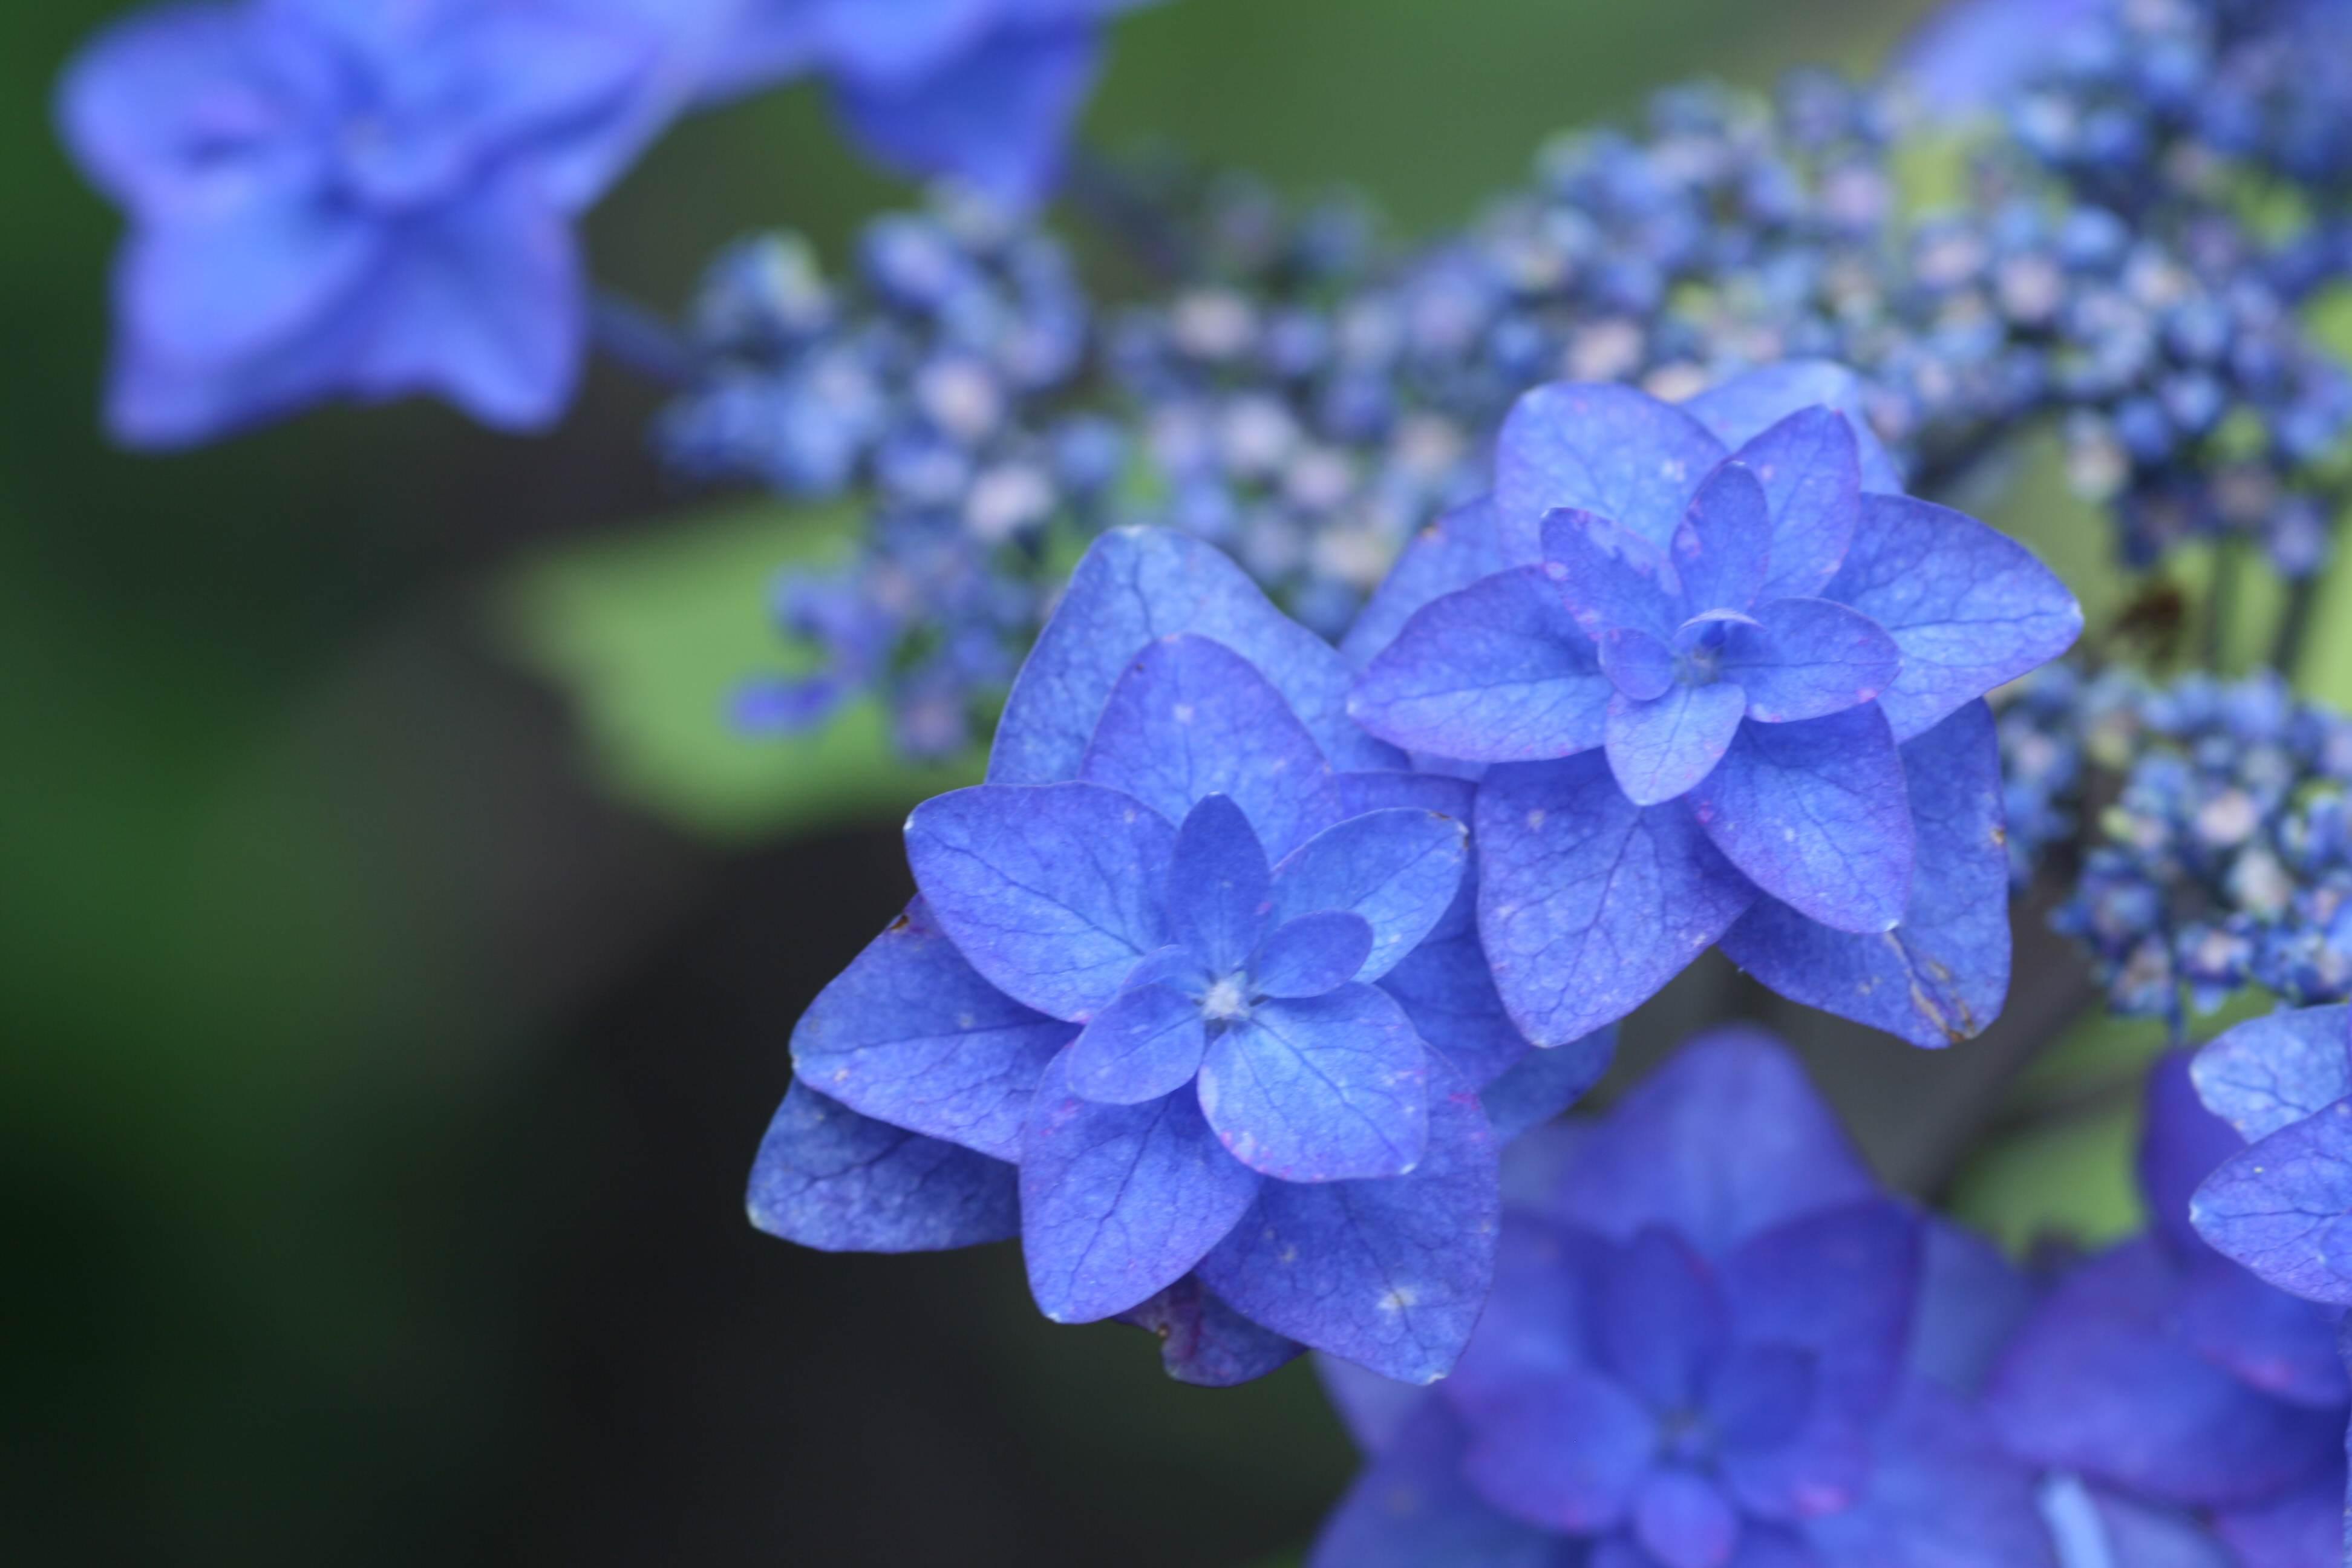 ... 紫陽花・・・ (6月1日)鎌倉宮 : 6月カレンダー 2014 : カレンダー